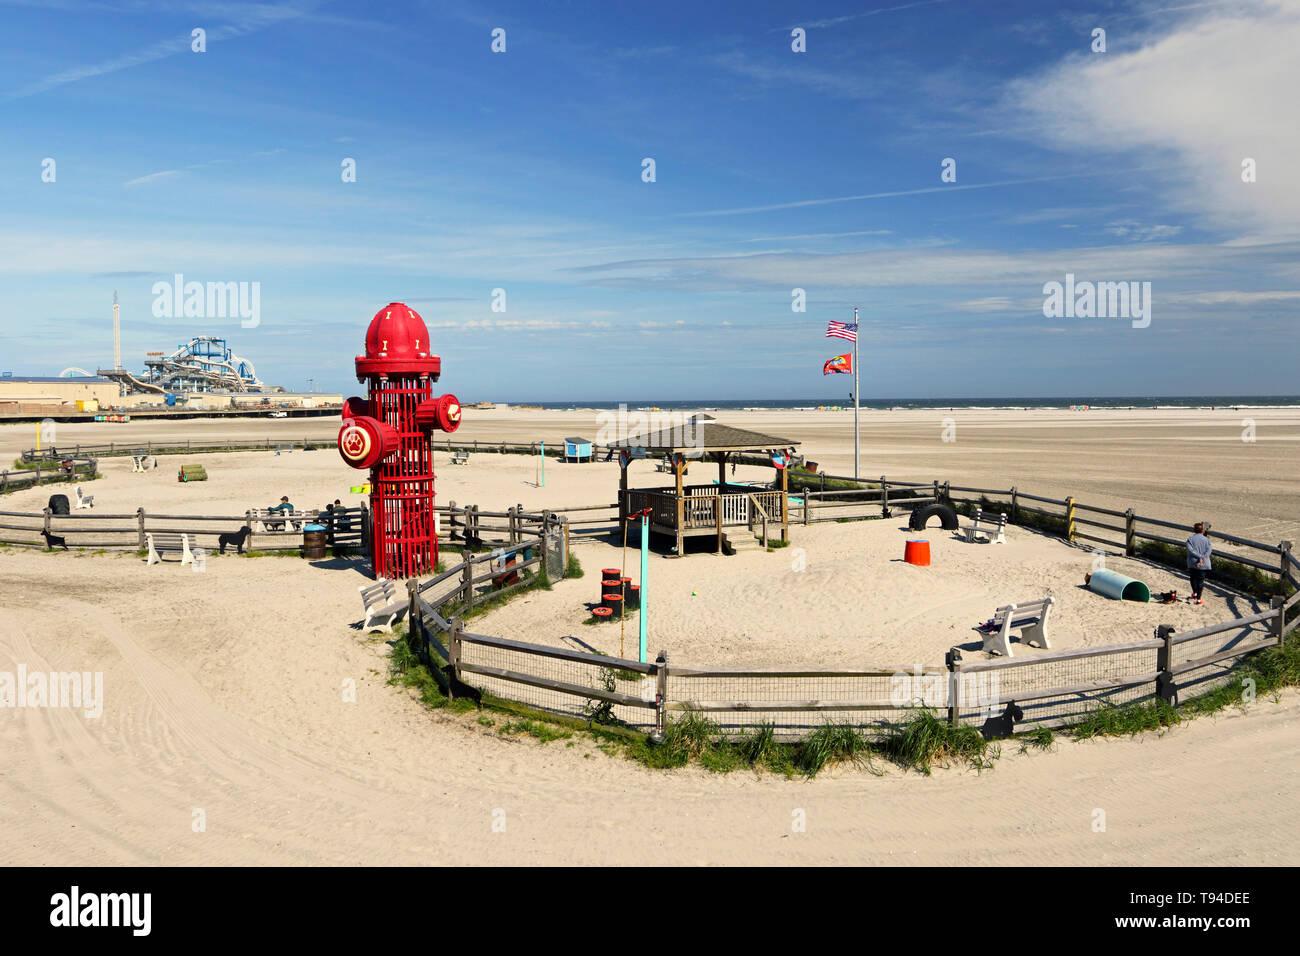 Un cane Parco sulla spiaggia in Wildwood, New Jersey, STATI UNITI D'AMERICA Immagini Stock